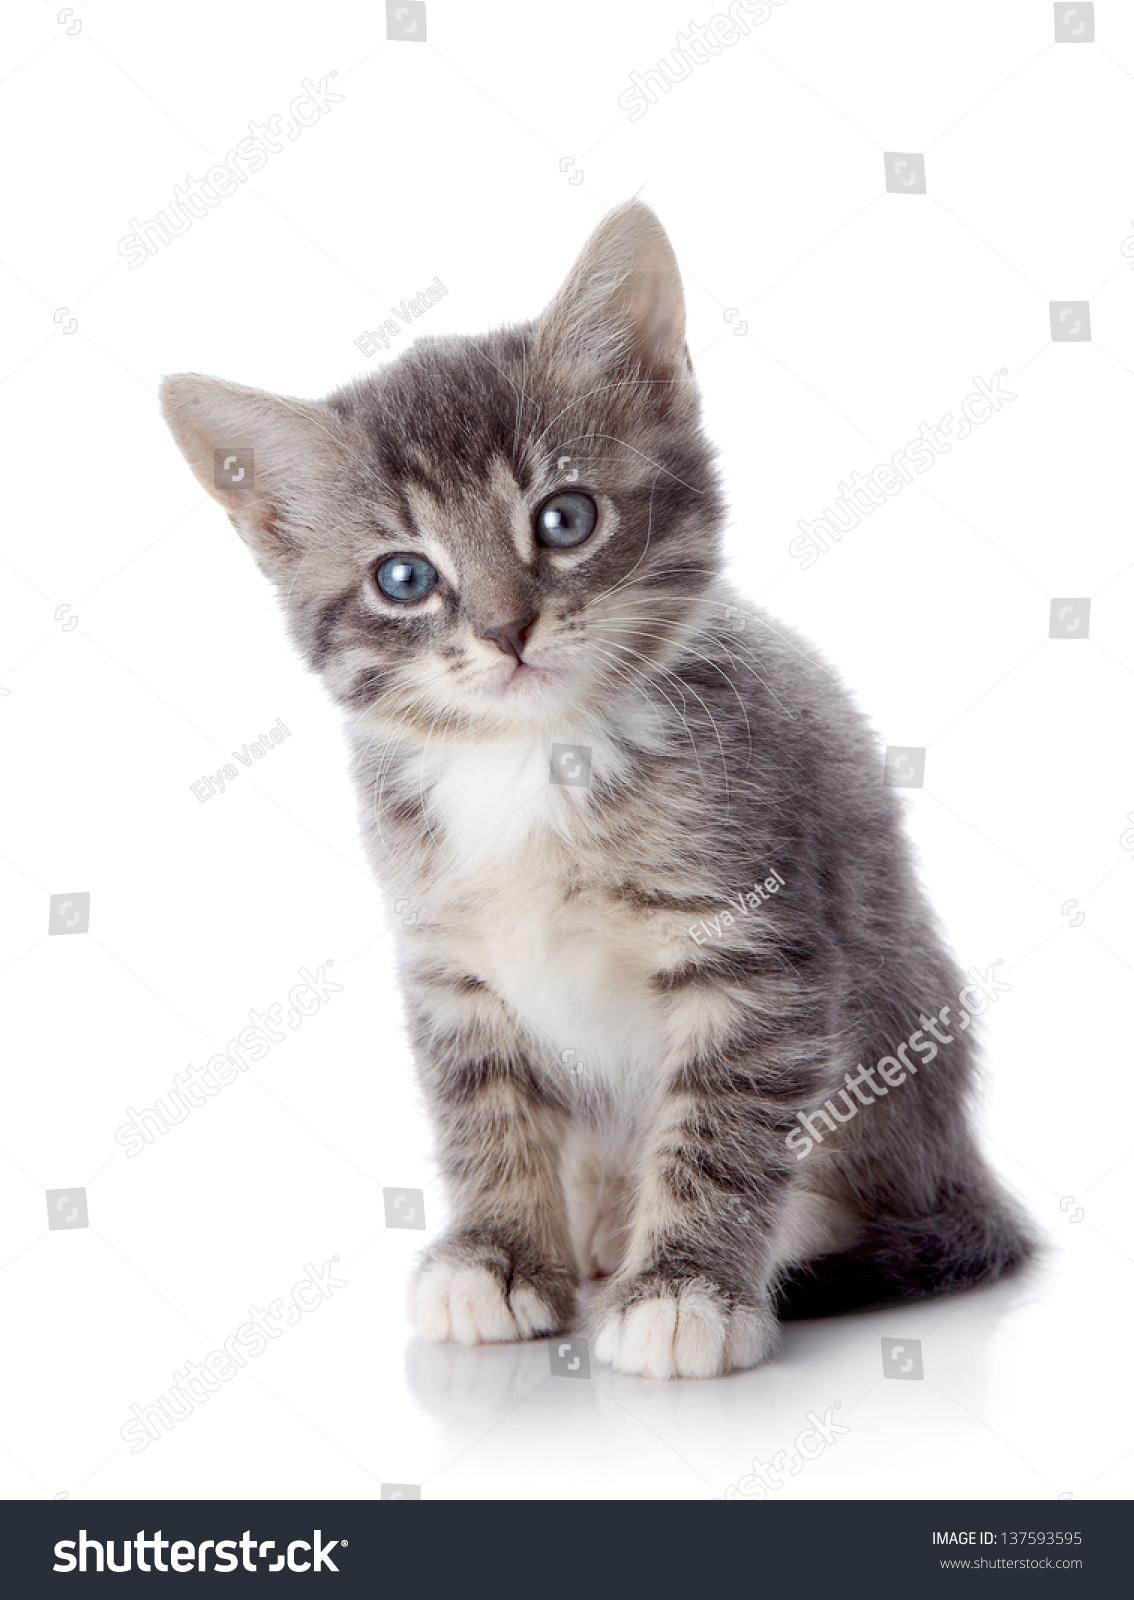 Gray Striped Kitten Striped Kitten Blue Stock